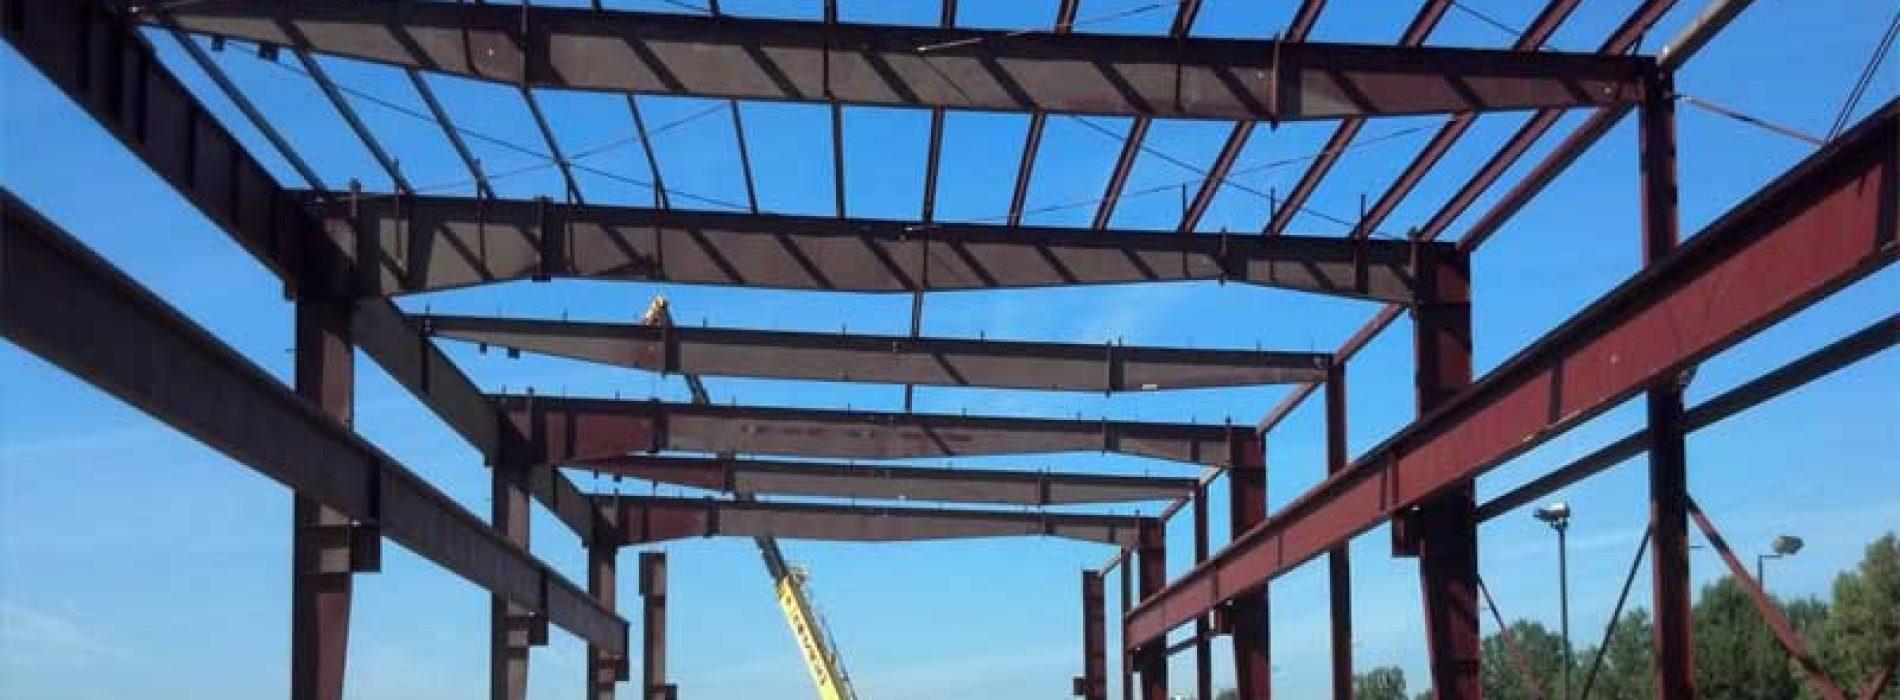 Çelik Çatıların Avantajları